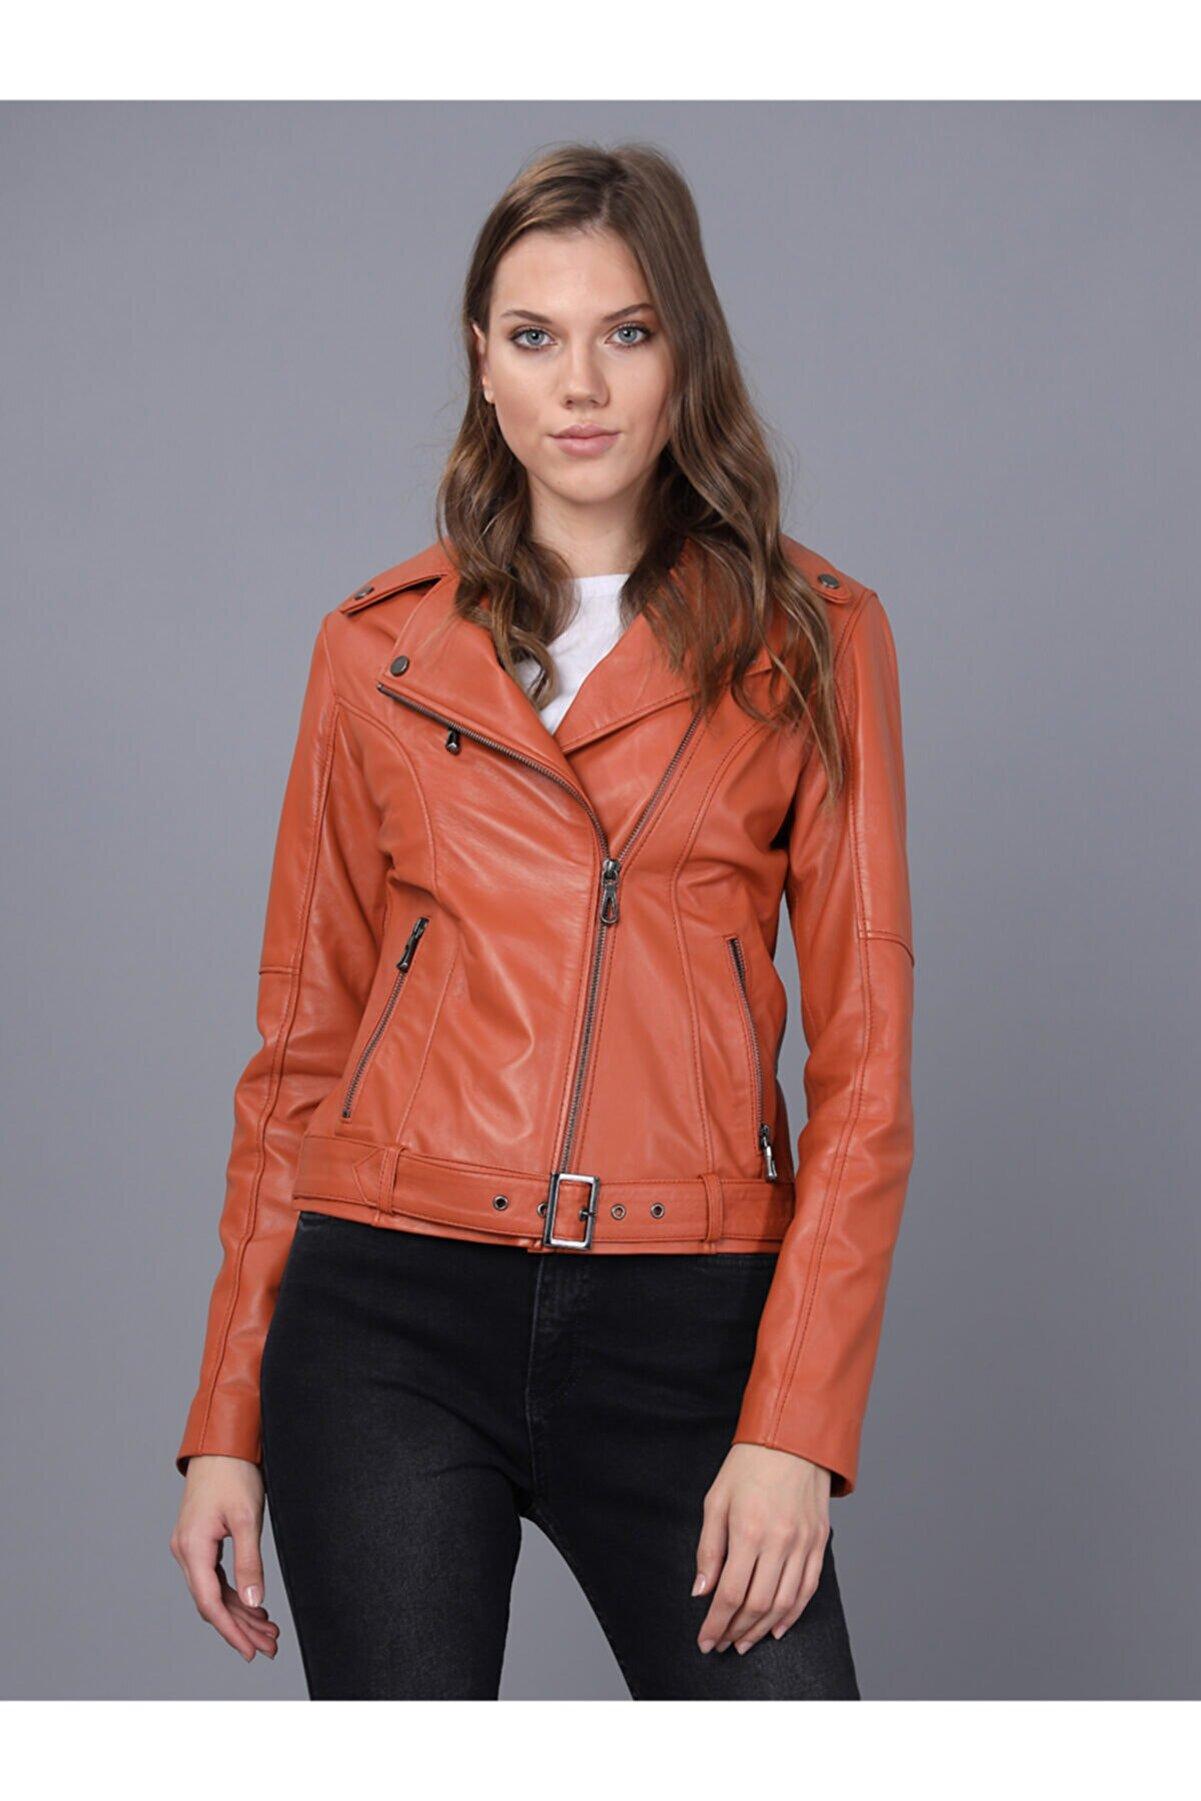 Basics&More Kadın Turuncu Deri Ceket